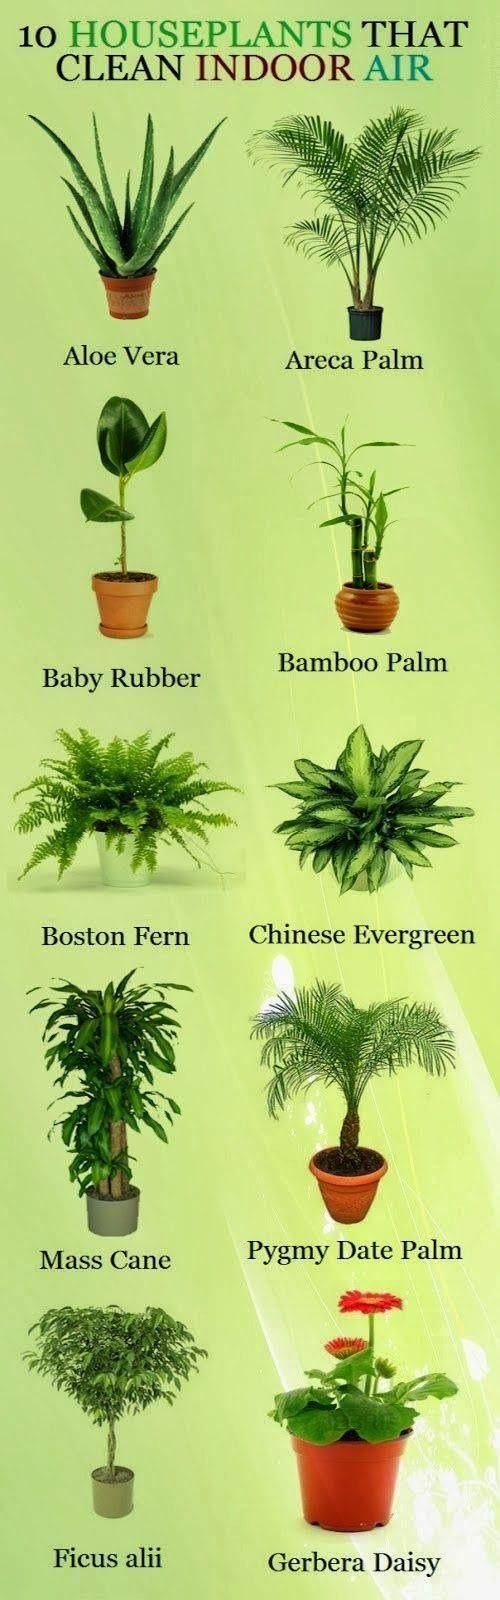 Hier mal #Pflanzen die gut für das #Innenraumklima sind u. gleichzeitig Luft re